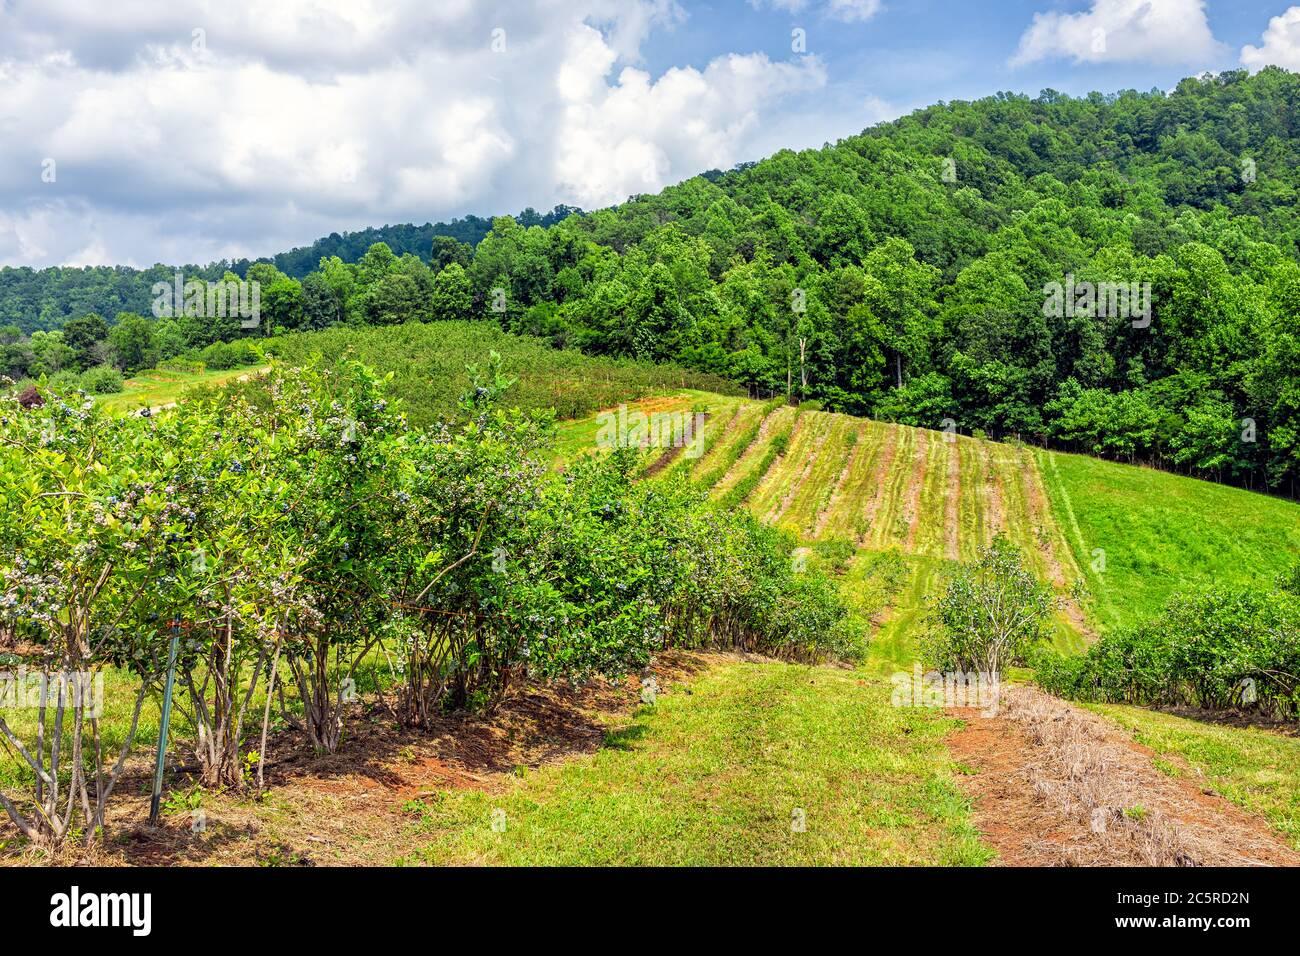 Ferme en Virginie avec des collines vallonnées montagnes en été avec paysage rural idyllique campagne et des rangées de bleuets pour cueillir avec personne Banque D'Images